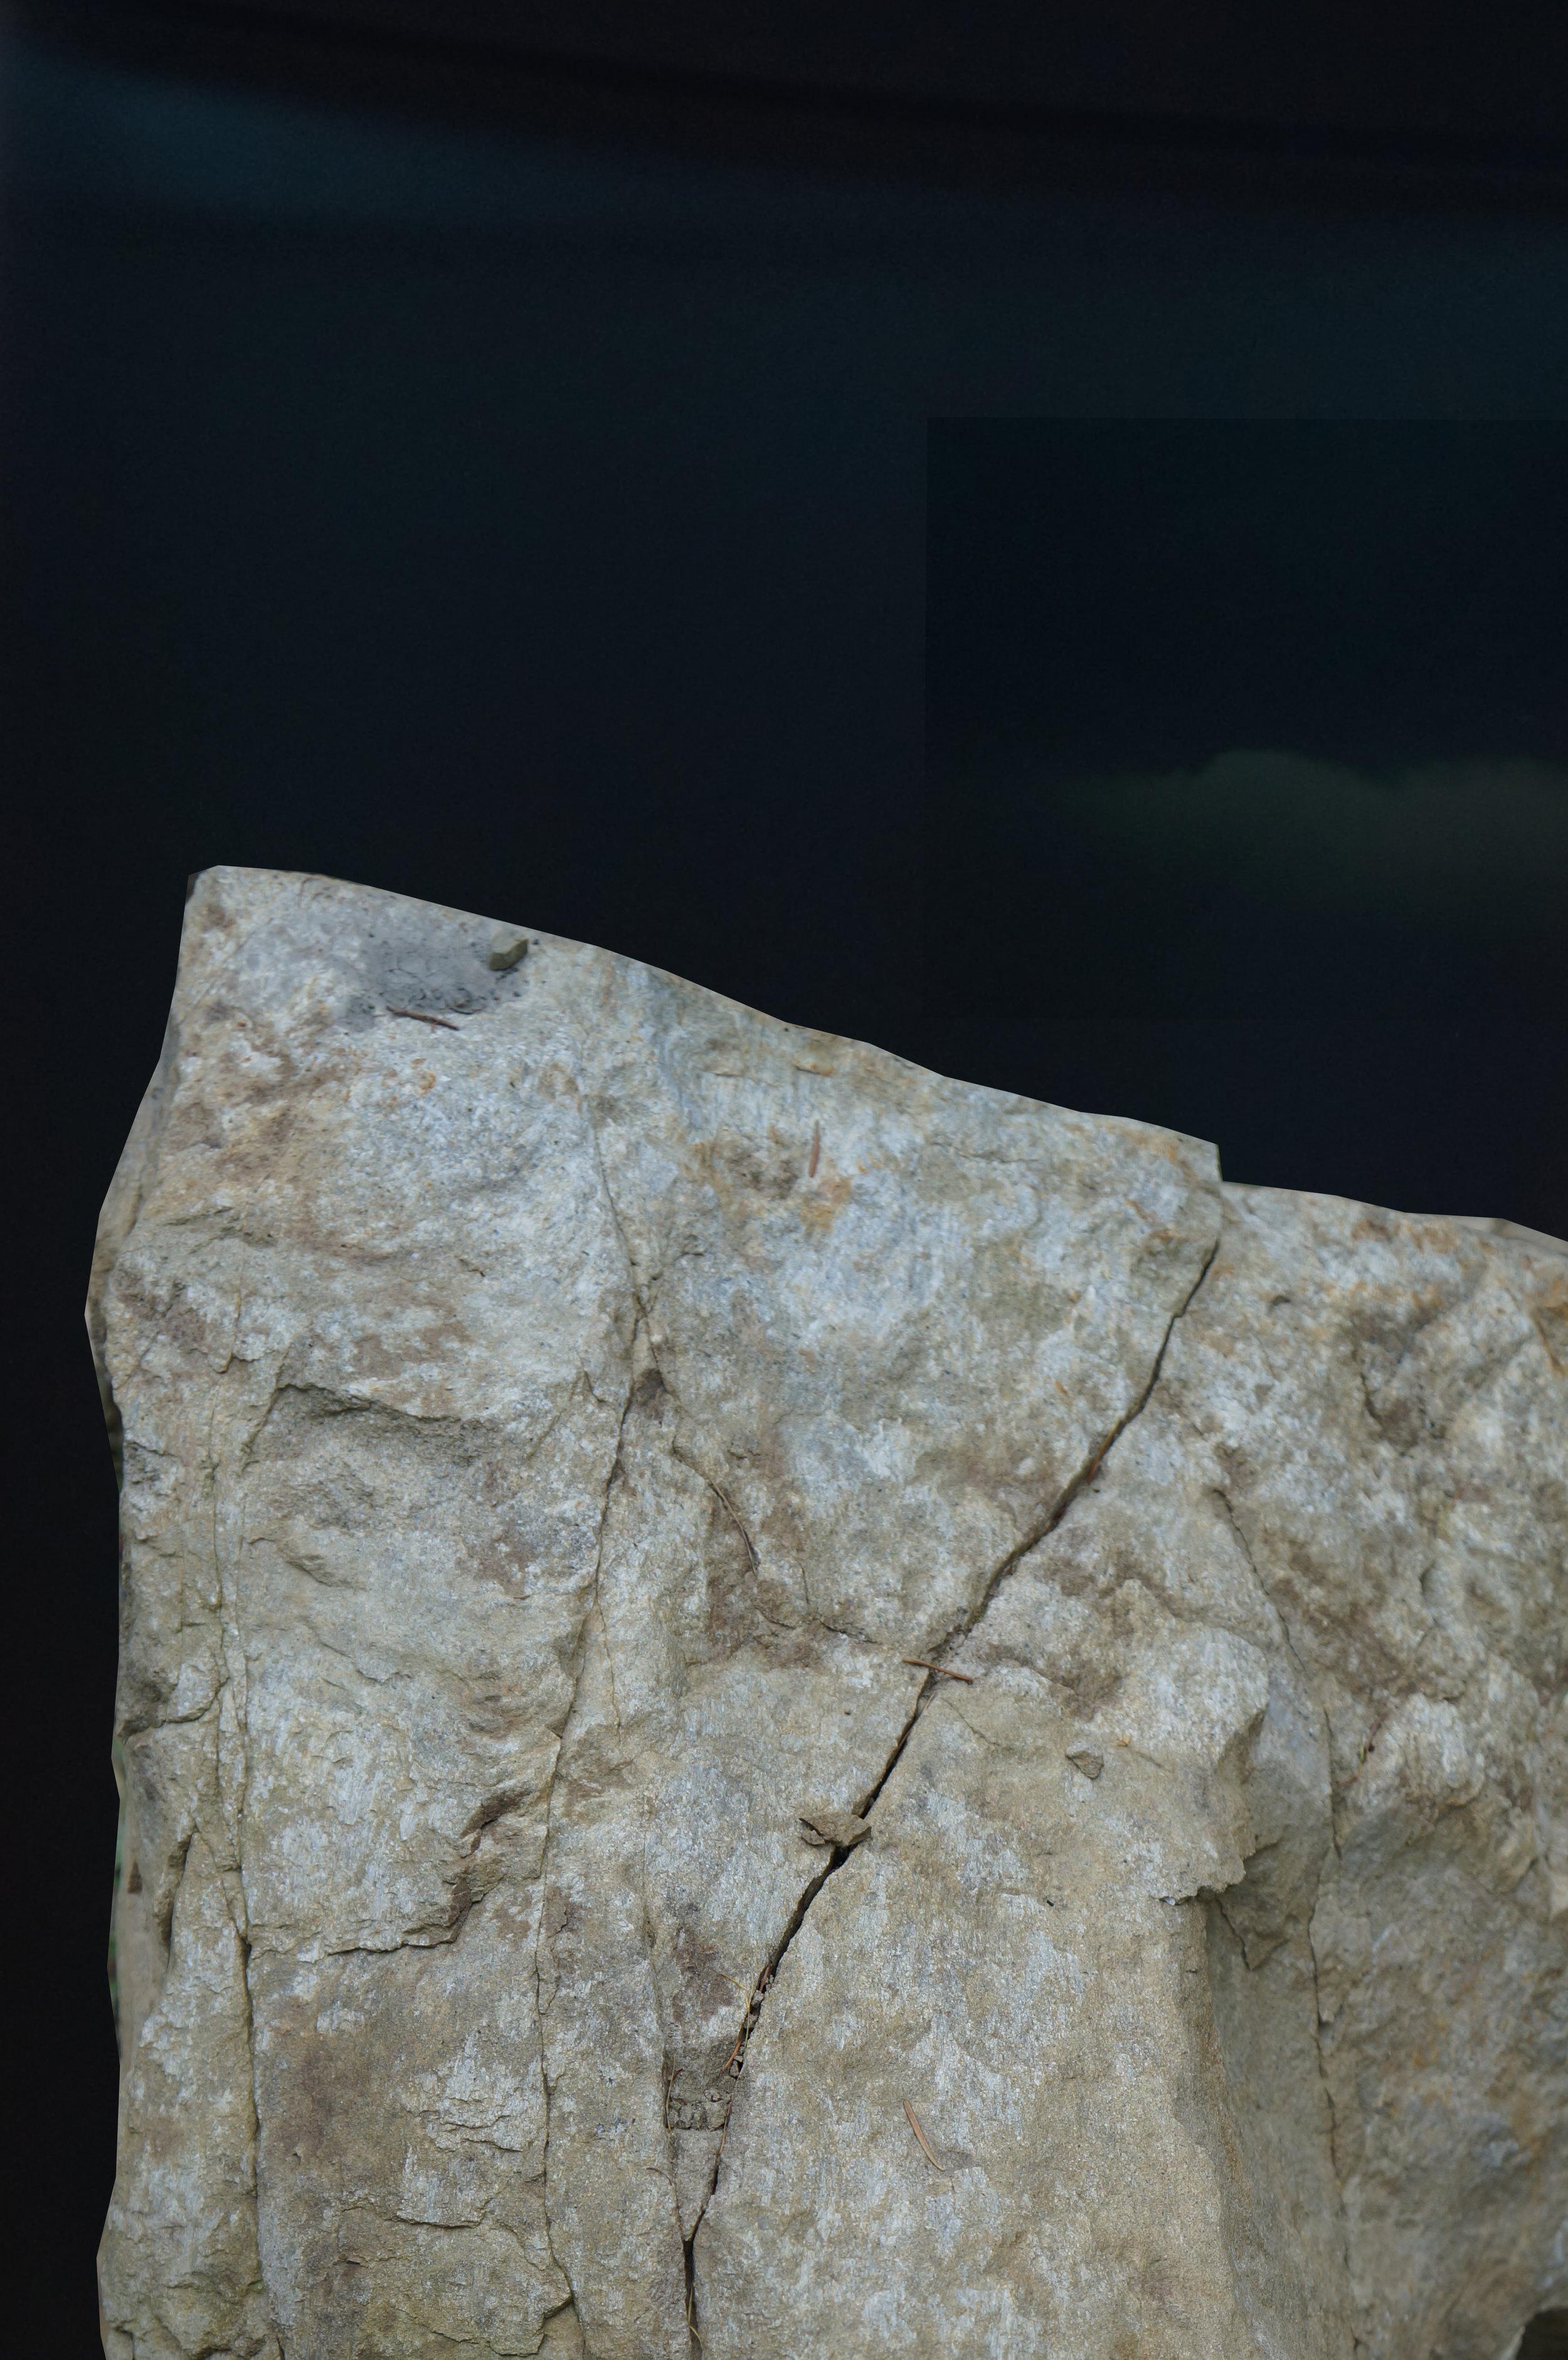 Kamien2002h9.jpg